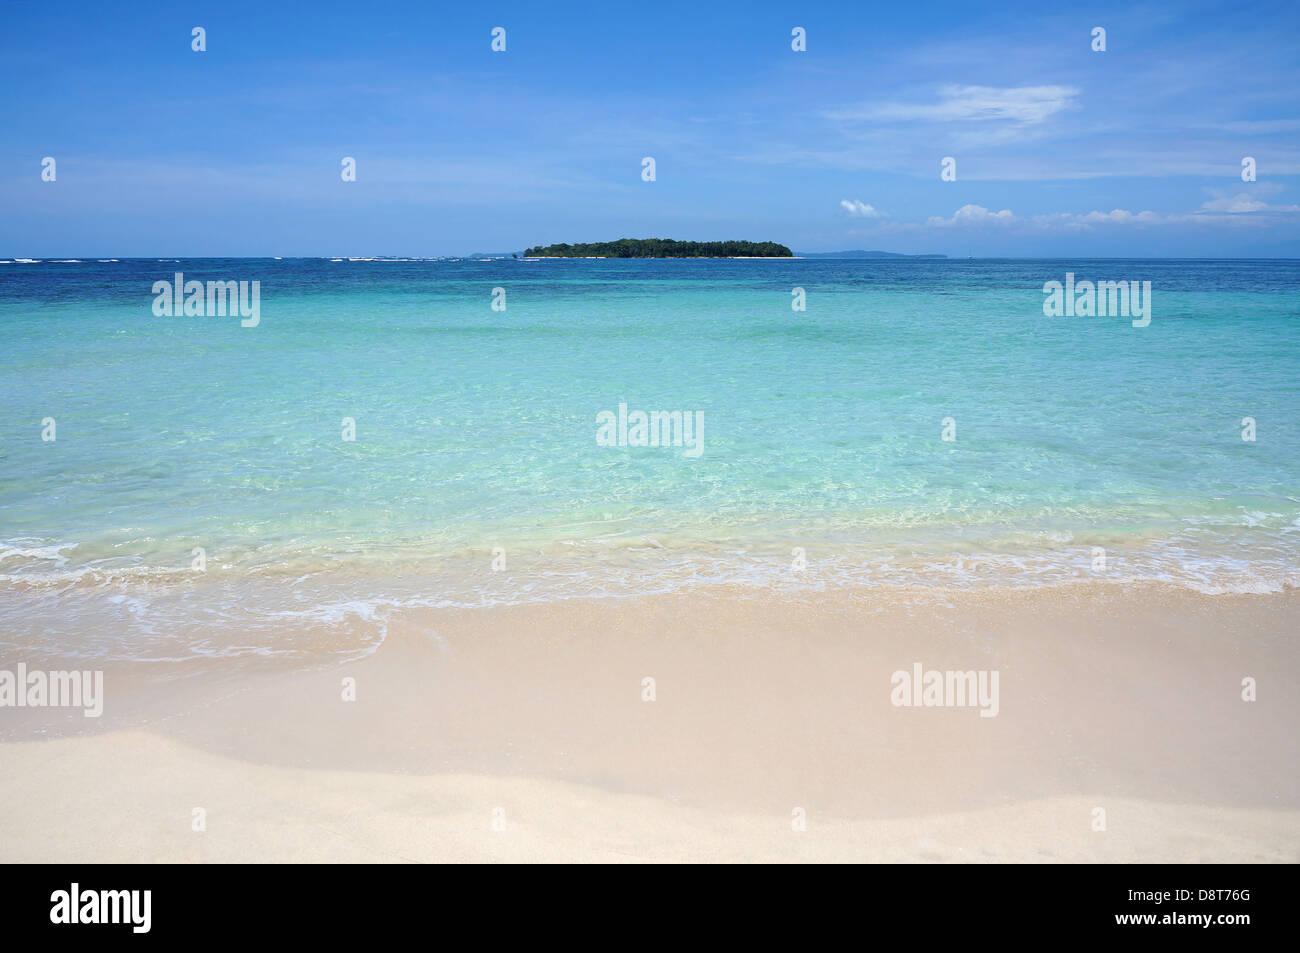 Tropischen Sandstrand Strand mit türkisblauem Wasser und eine Insel am Horizont, dem Karibischen Meer Stockbild